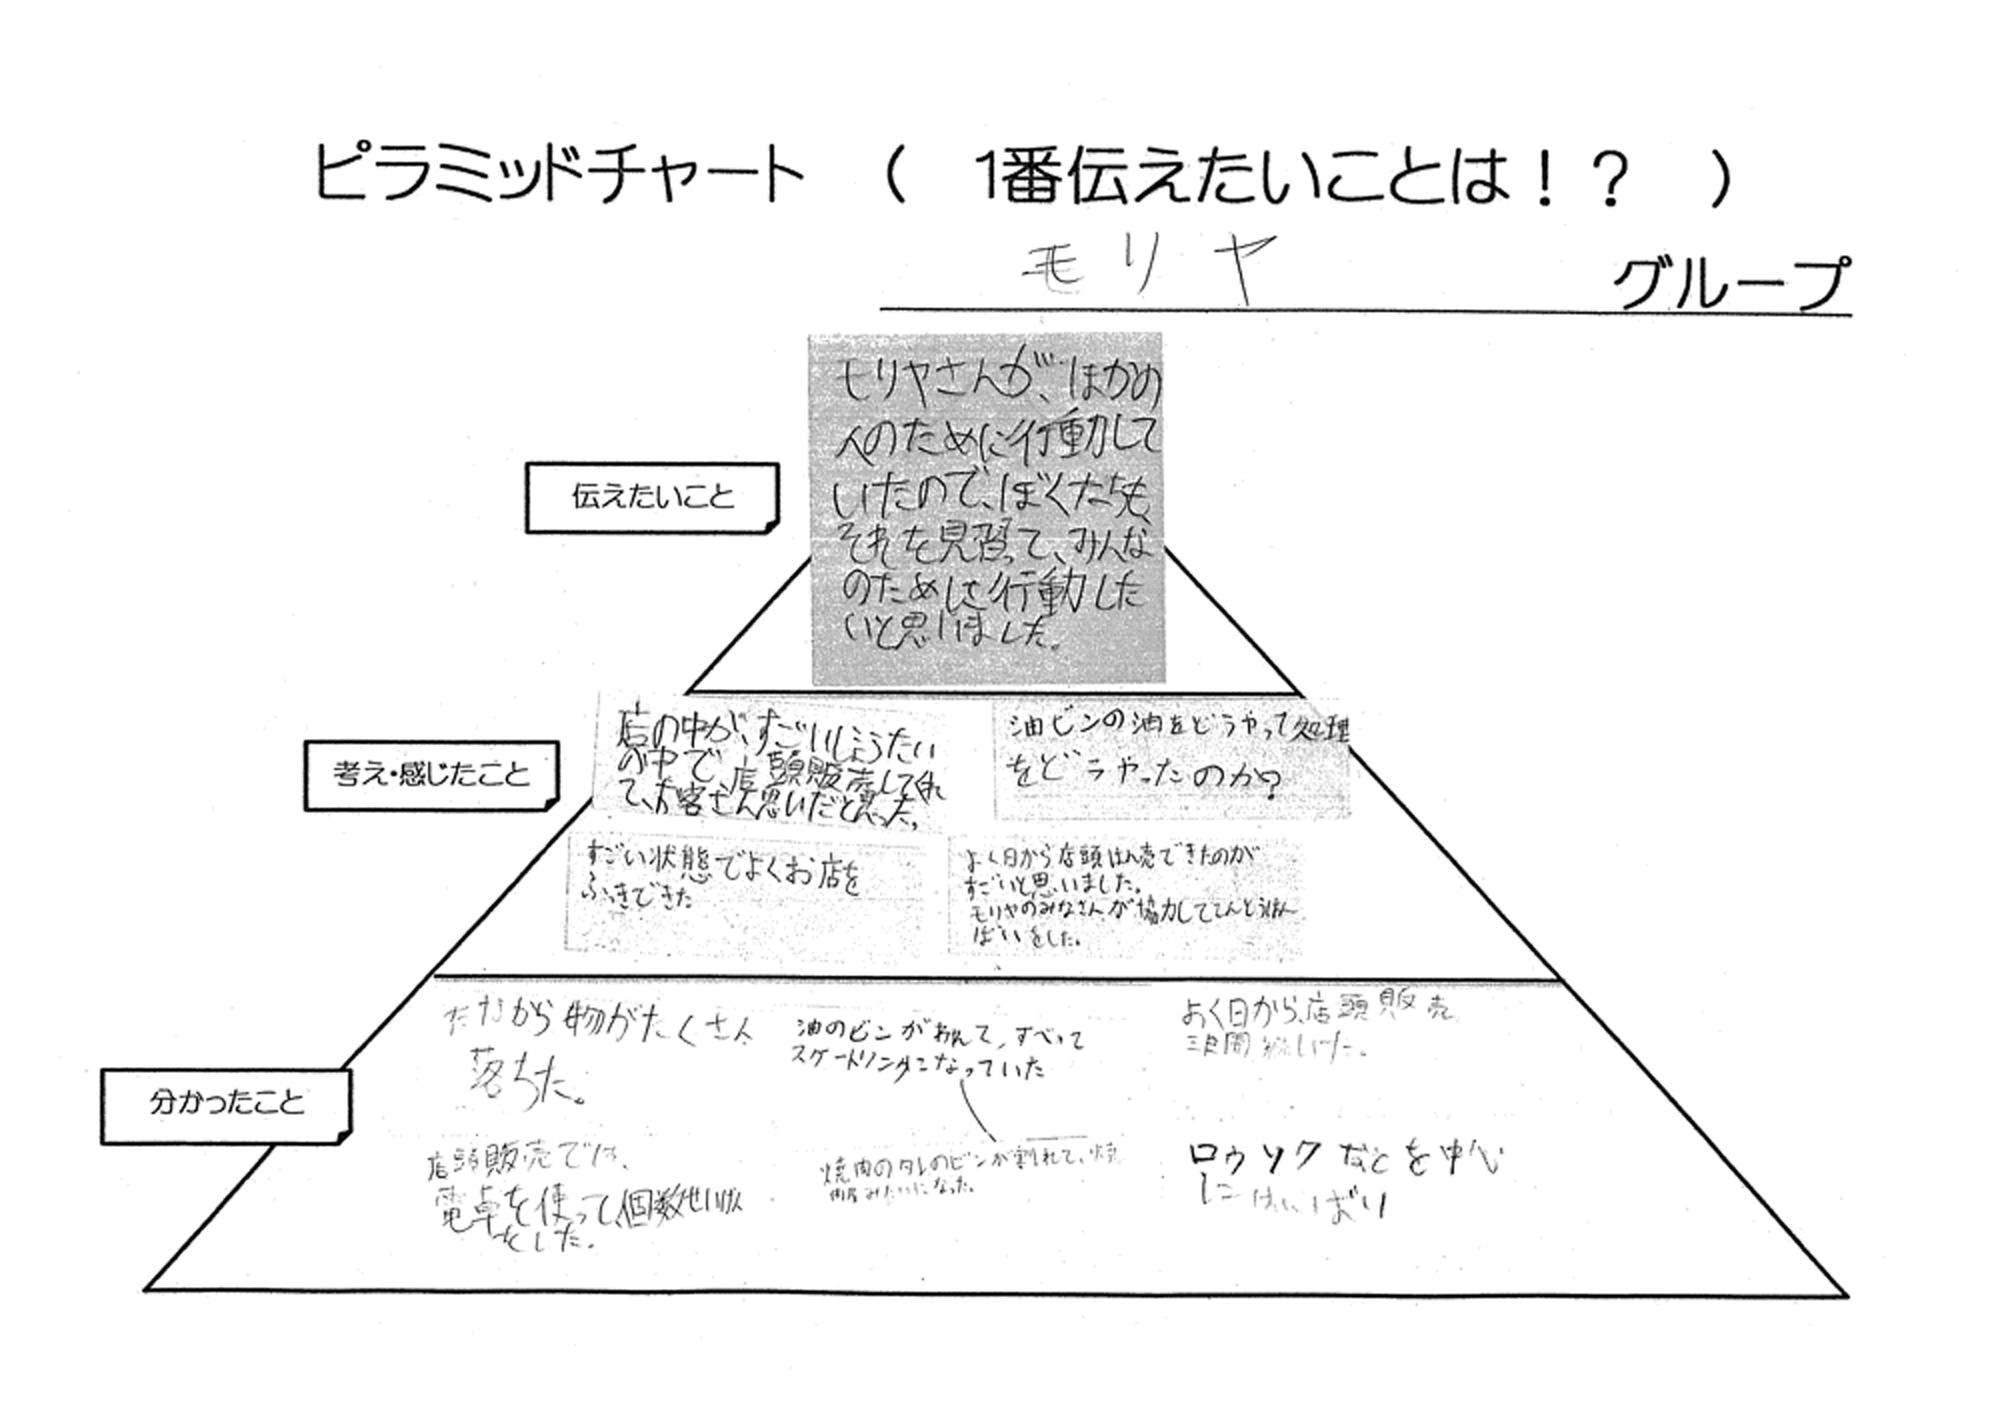 フレッシュフードモリヤ 大学病院前店のピラミッドチャート